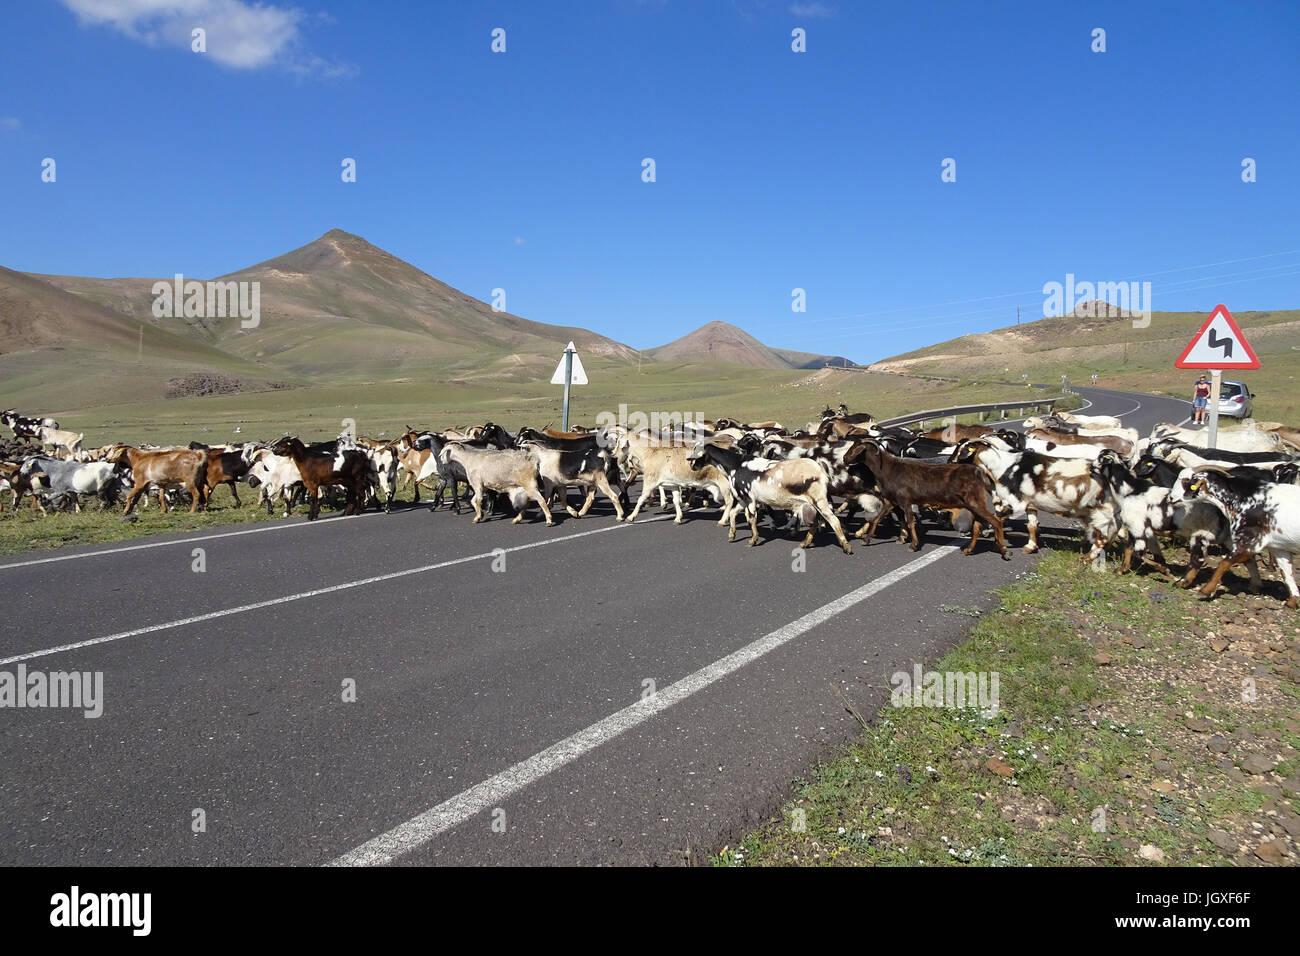 Ziegenherde ueberquert die Zufahrtsstrasse nach Playa Quemada, Lanzarote, Kanarische Inseln, Europa | Goat herd - Stock Image